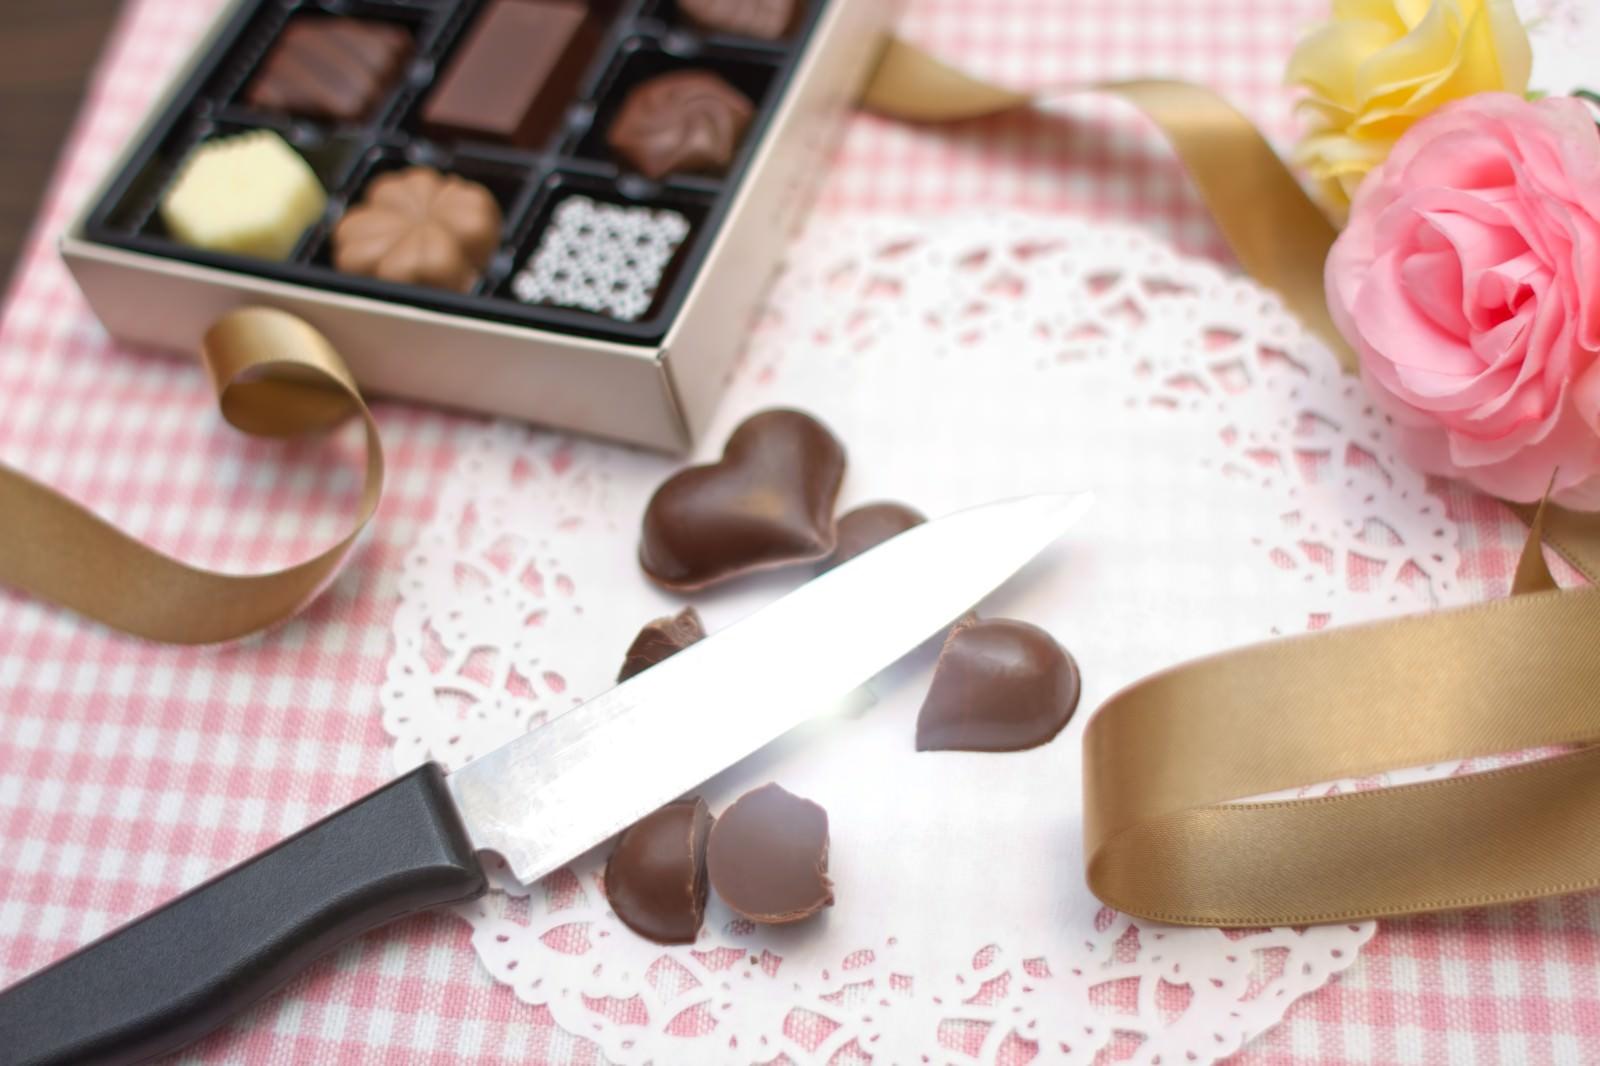 バレンタインが失敗に終わりハート型のチョコを破棄する。のフリー素材